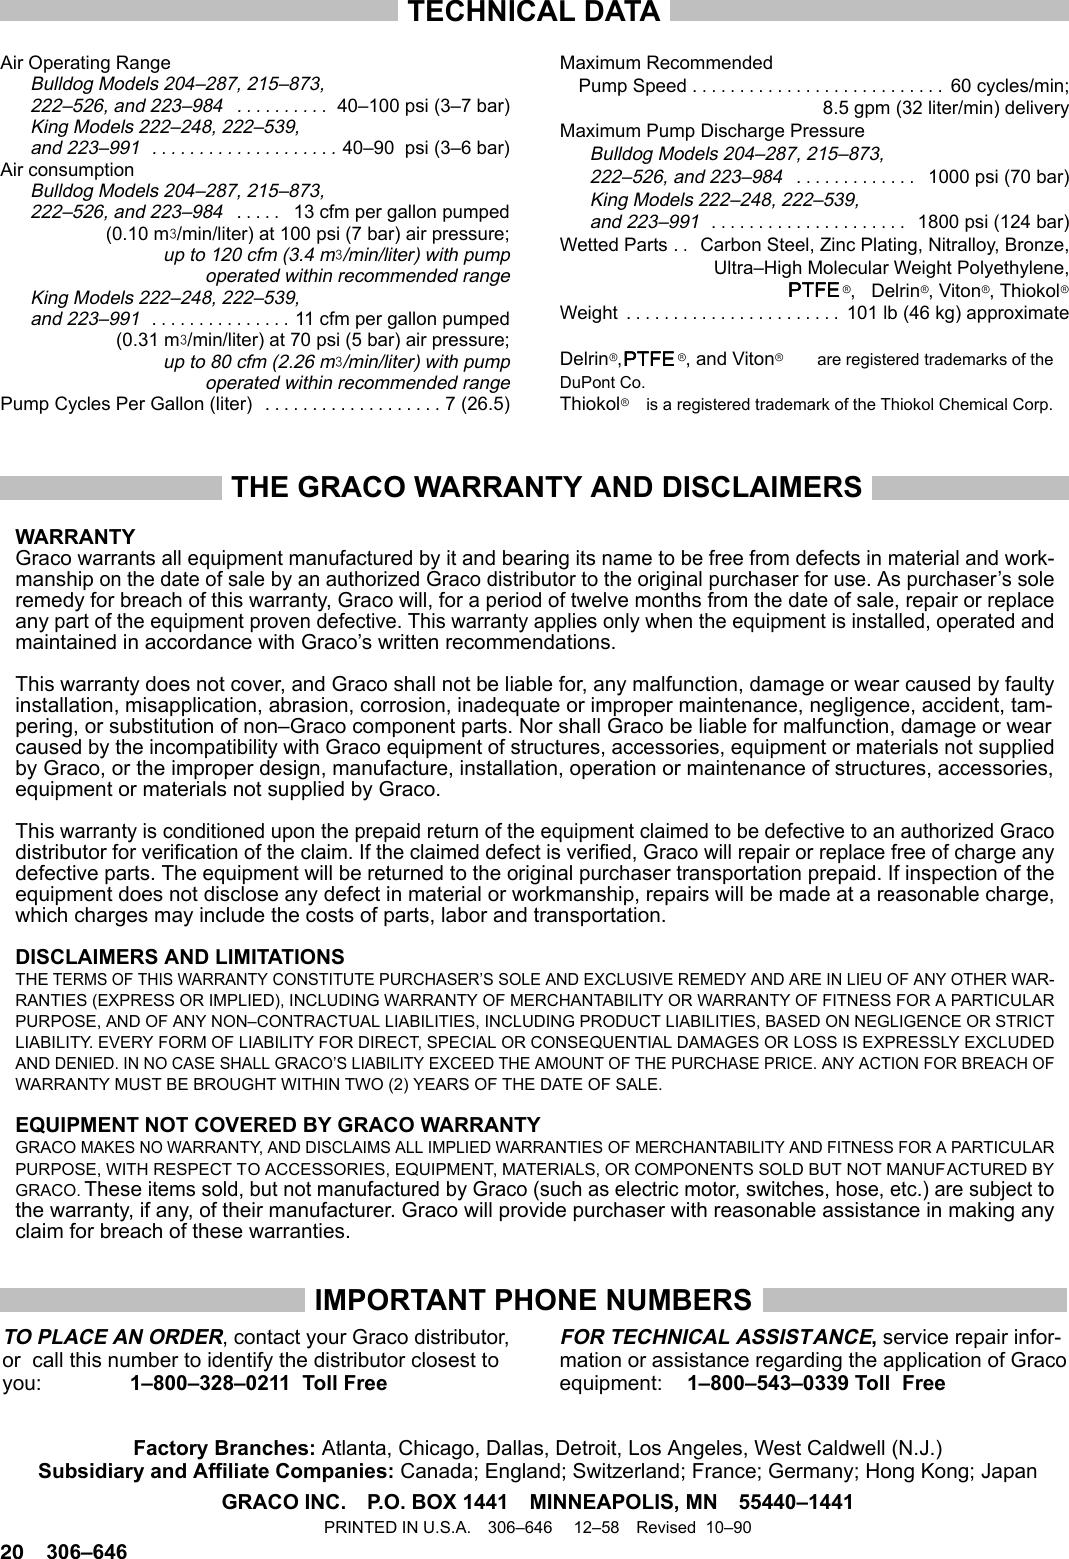 Graco Bulldog 204287 Users Manual 306646R And KING PUMPS